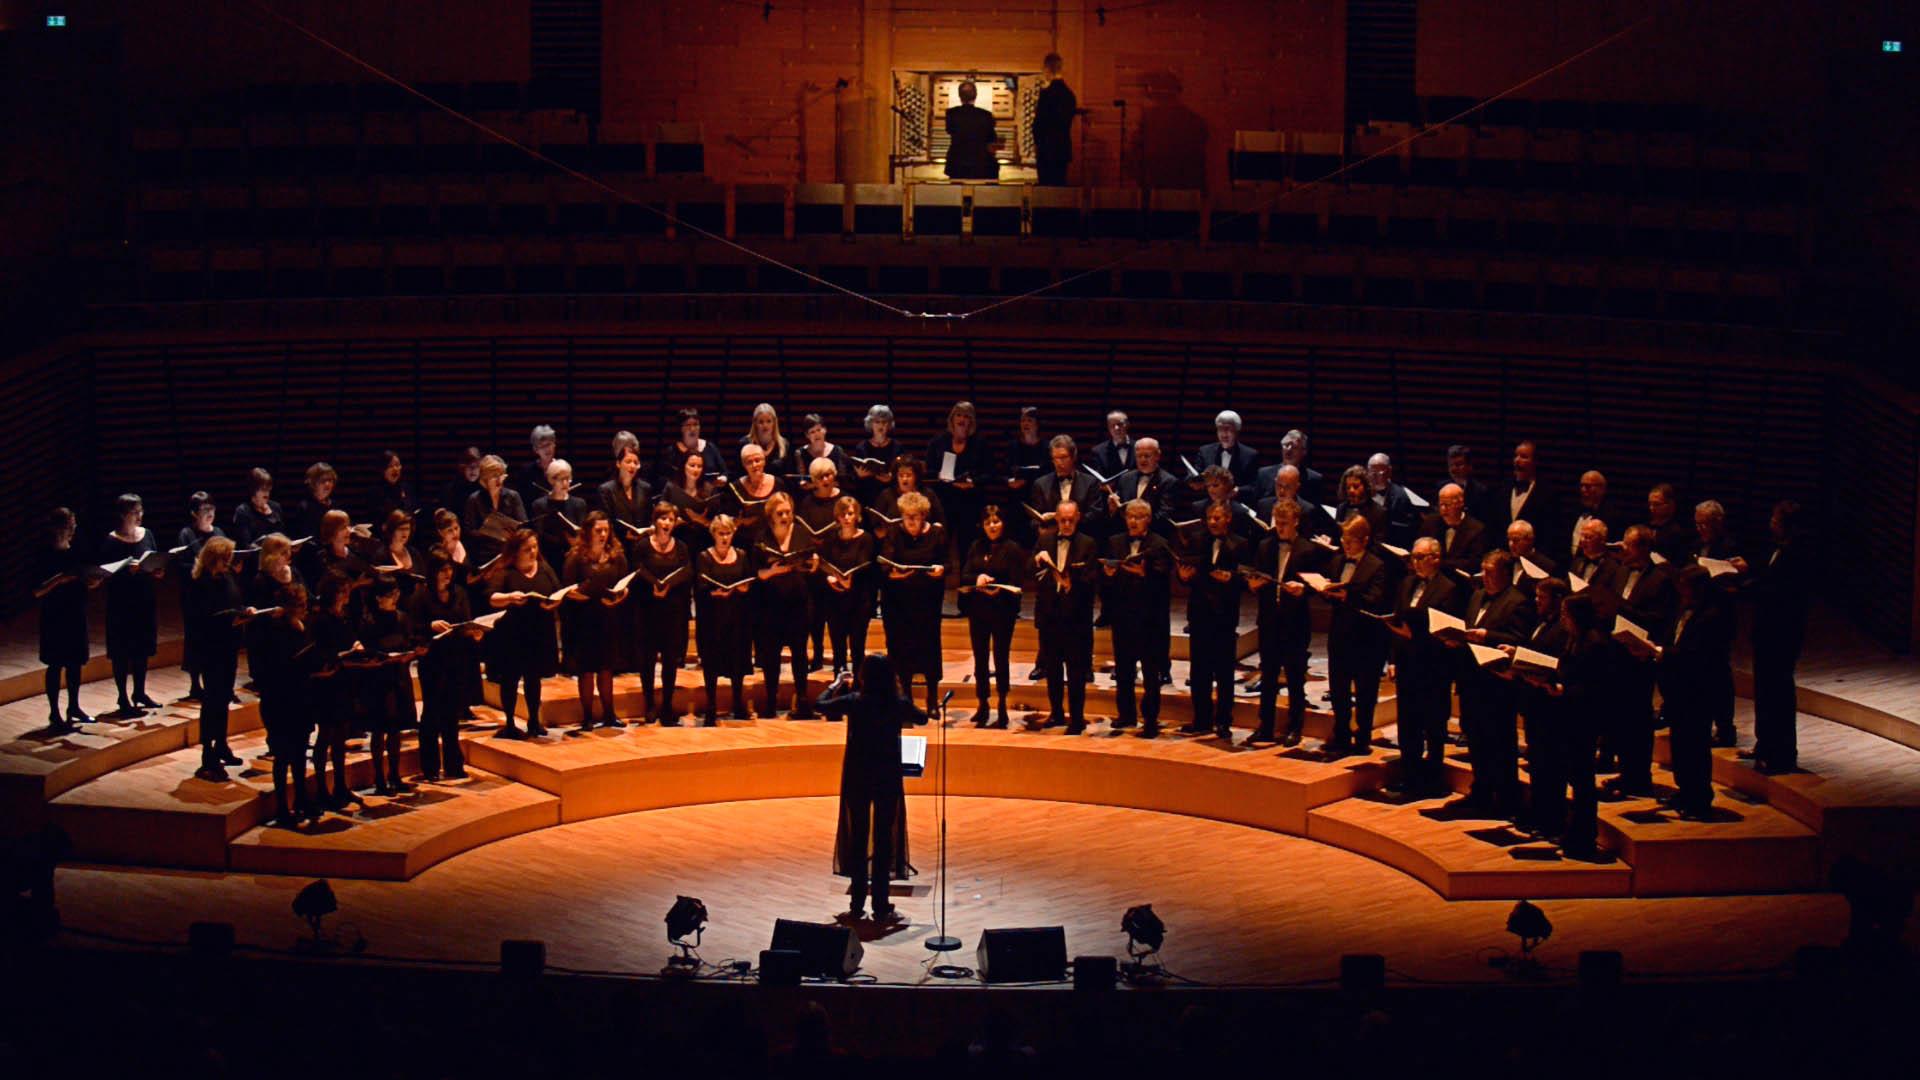 Symfonikor_02_Fotograf_Tord_F_Paulsen.jpg